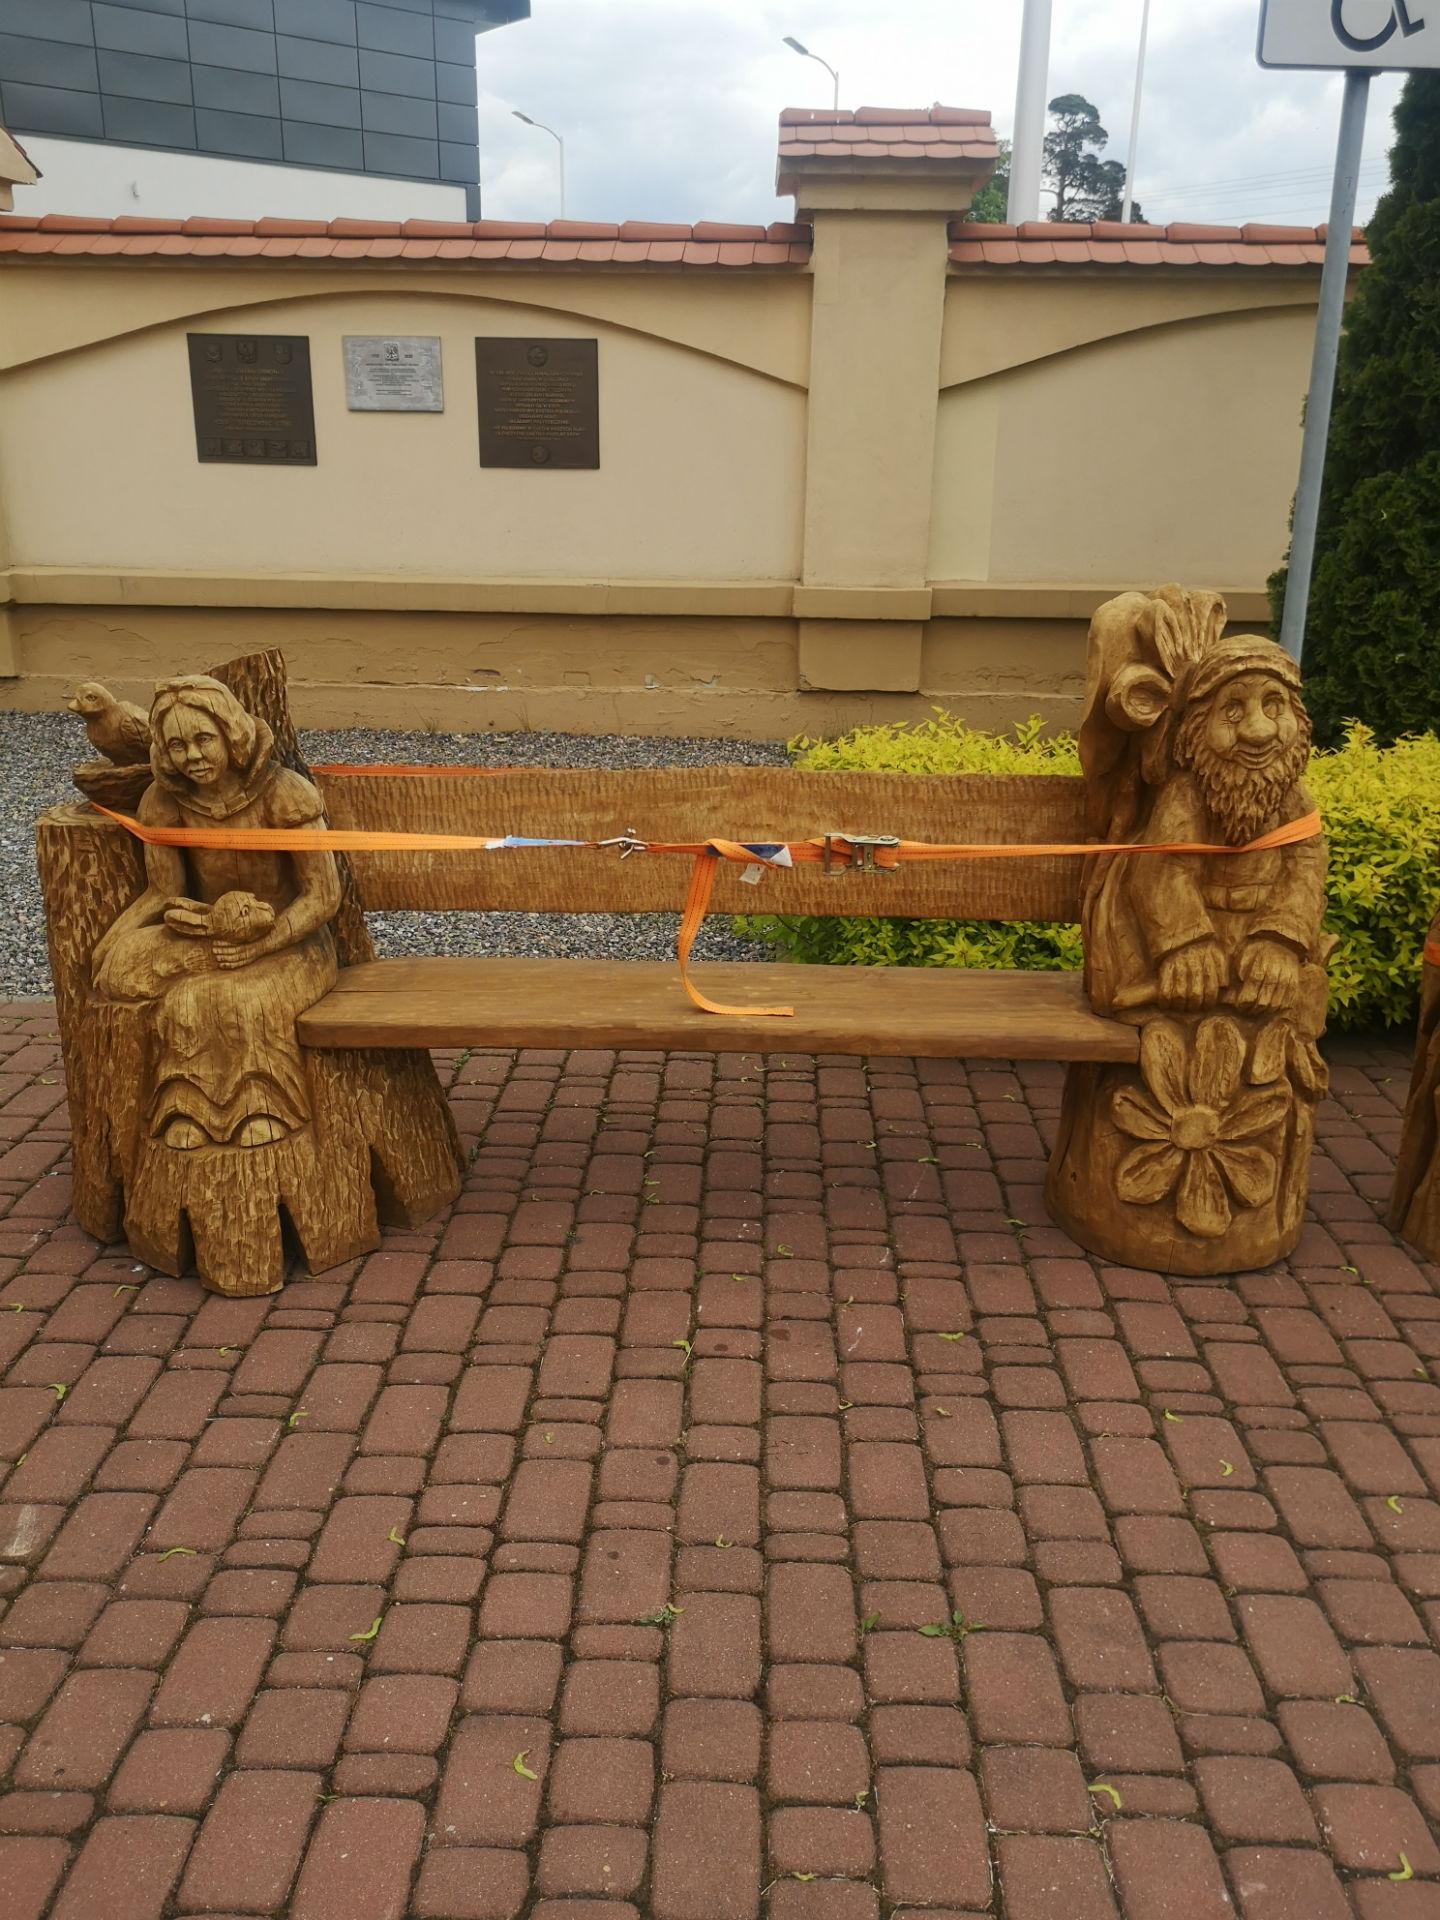 Zbliżenie na ławkę z poprzedniego zdjęcia, stojącą przed Muzeum 7 Pułku Ułanów Lubelskich. Z prawej i lewej strony posiada wkomponowane w jej konstrukcję przedstawienia odpowiednio krasnoludka oraz kobiety trzymającej na kolanach zająca.